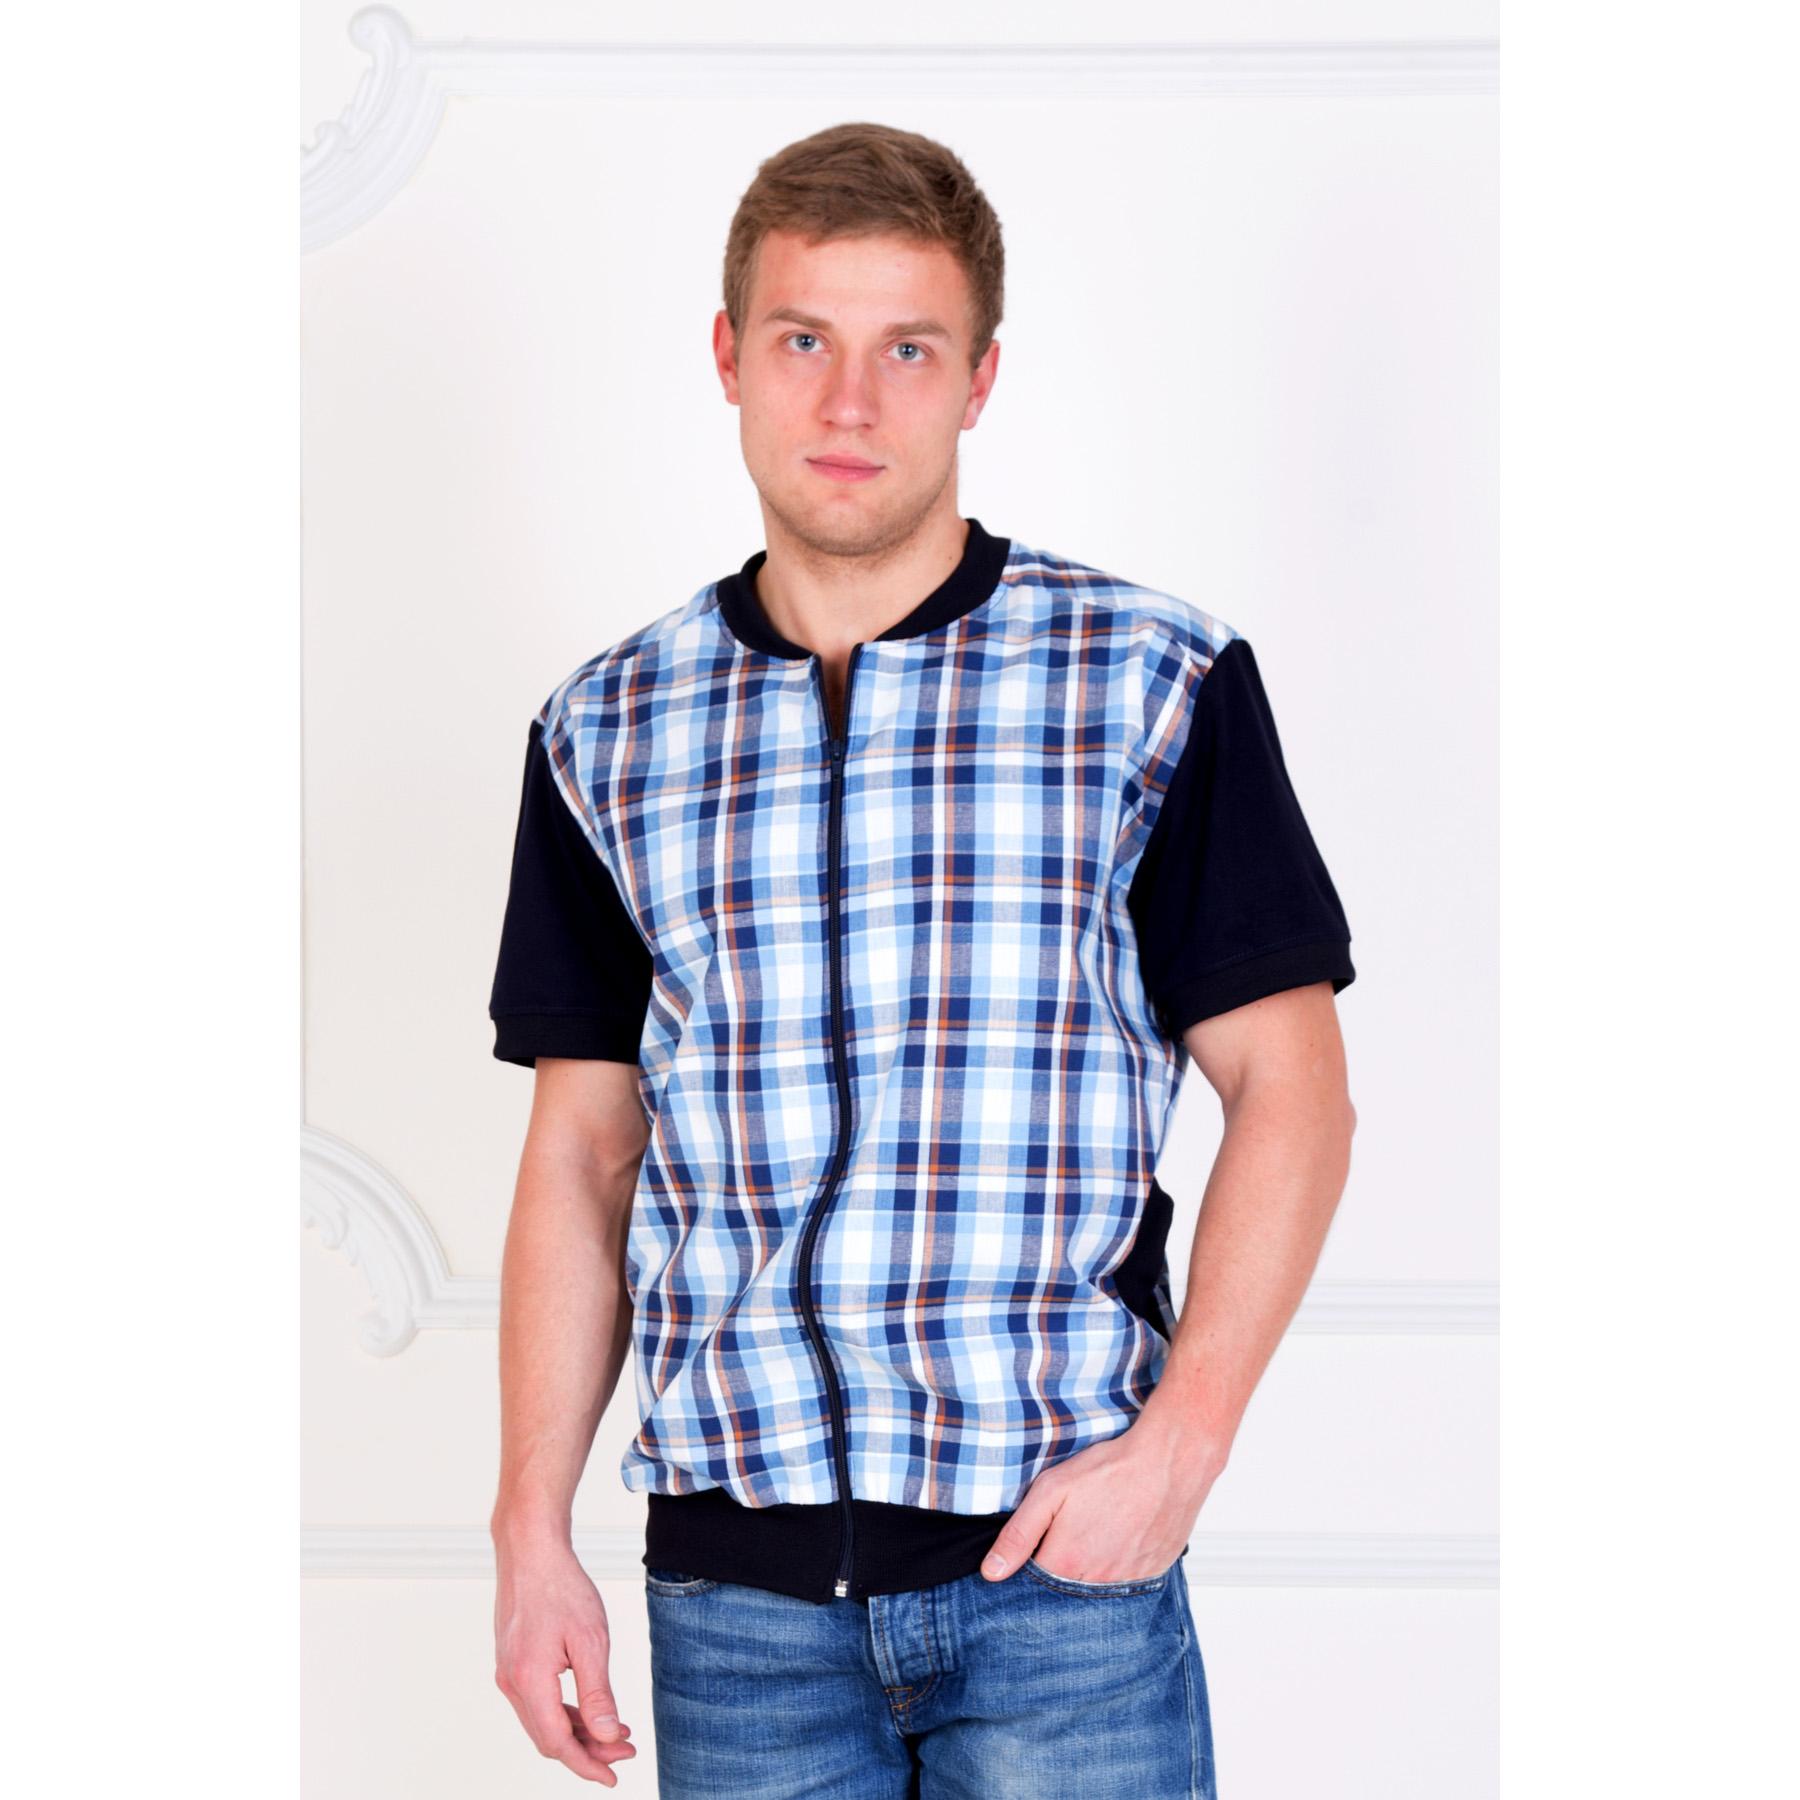 Мужская рубашка  Аполлон  арт. 0029, размер 44 - Мужская одежда артикул: 16669